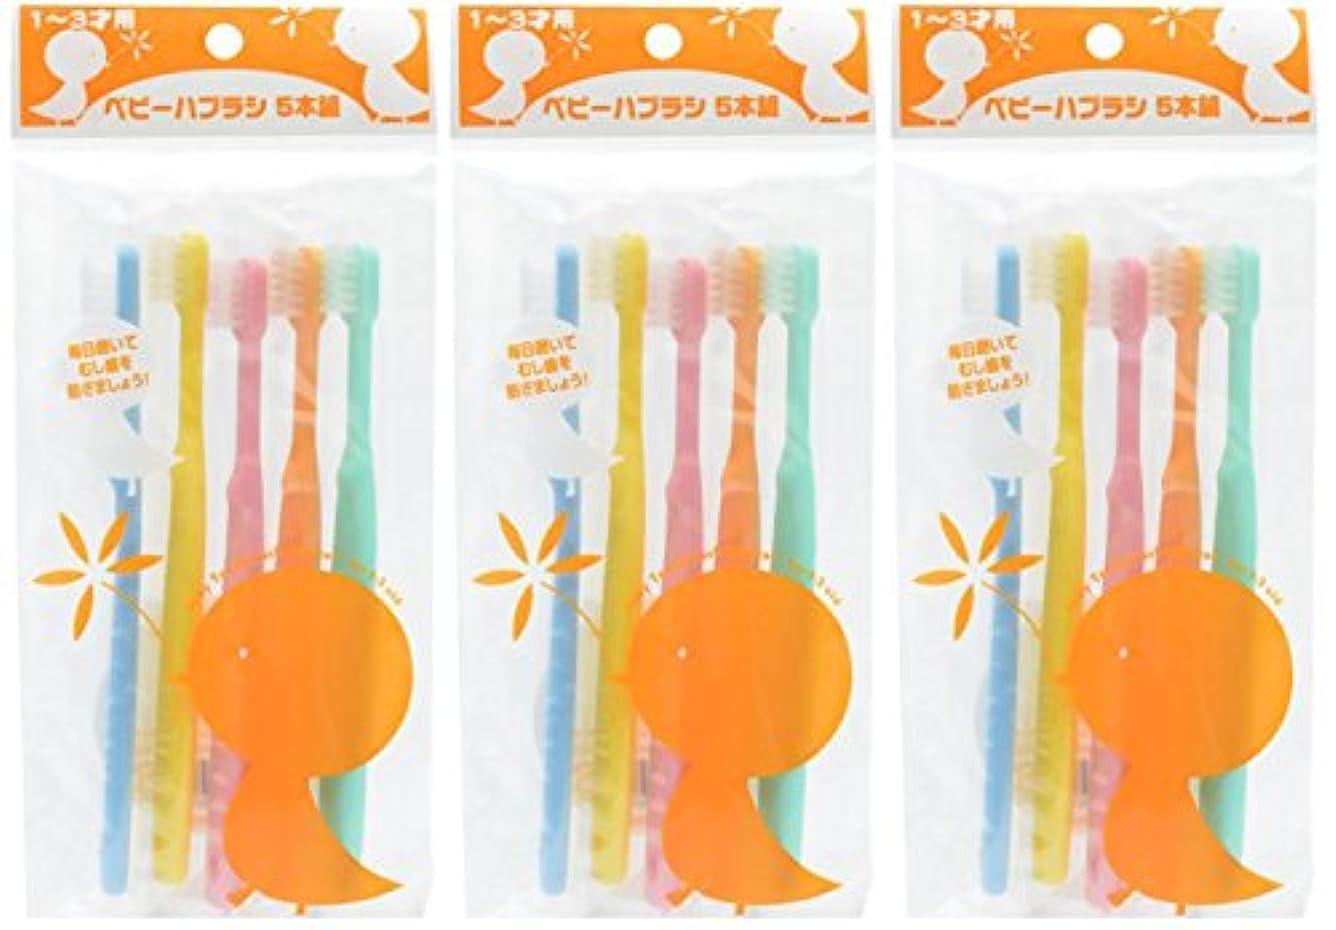 ビバボアバイオリンファイン ベビー歯ブラシ5本組3個セット